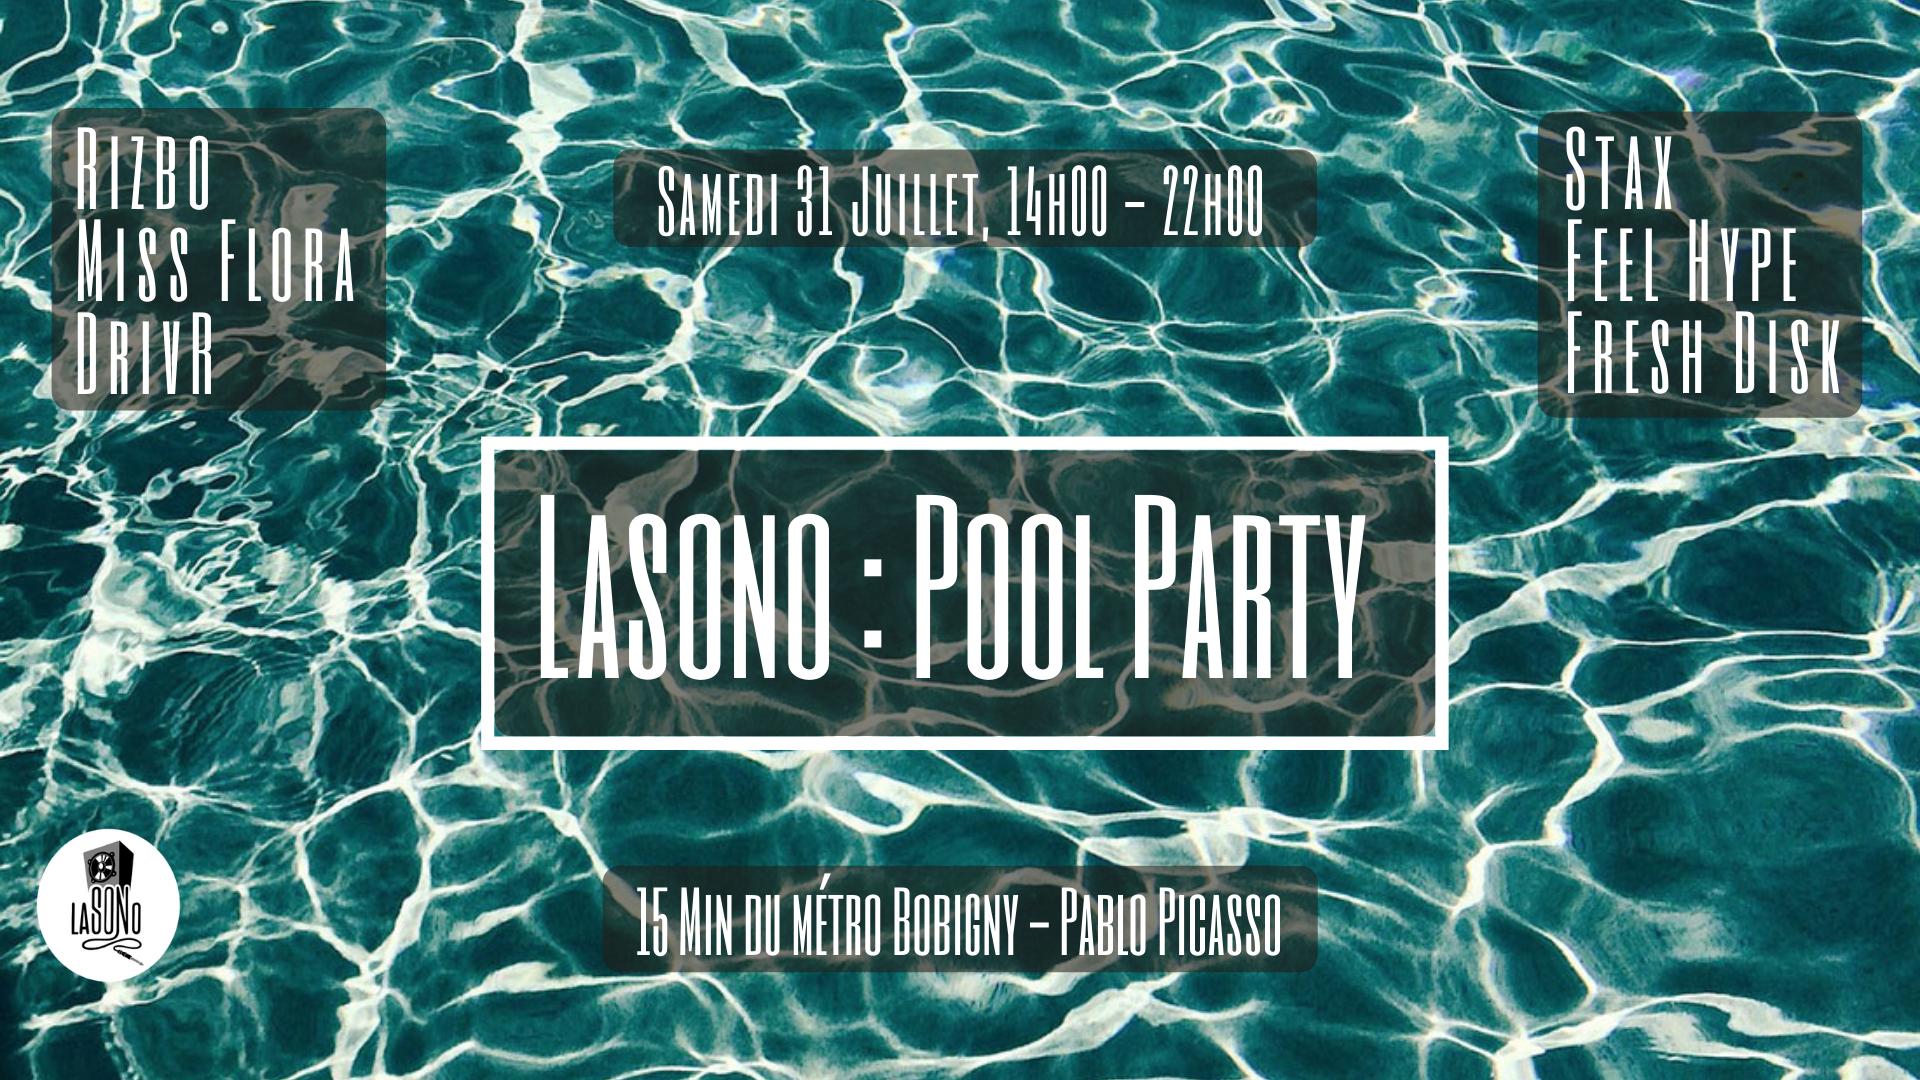 LaSono : Pool Party